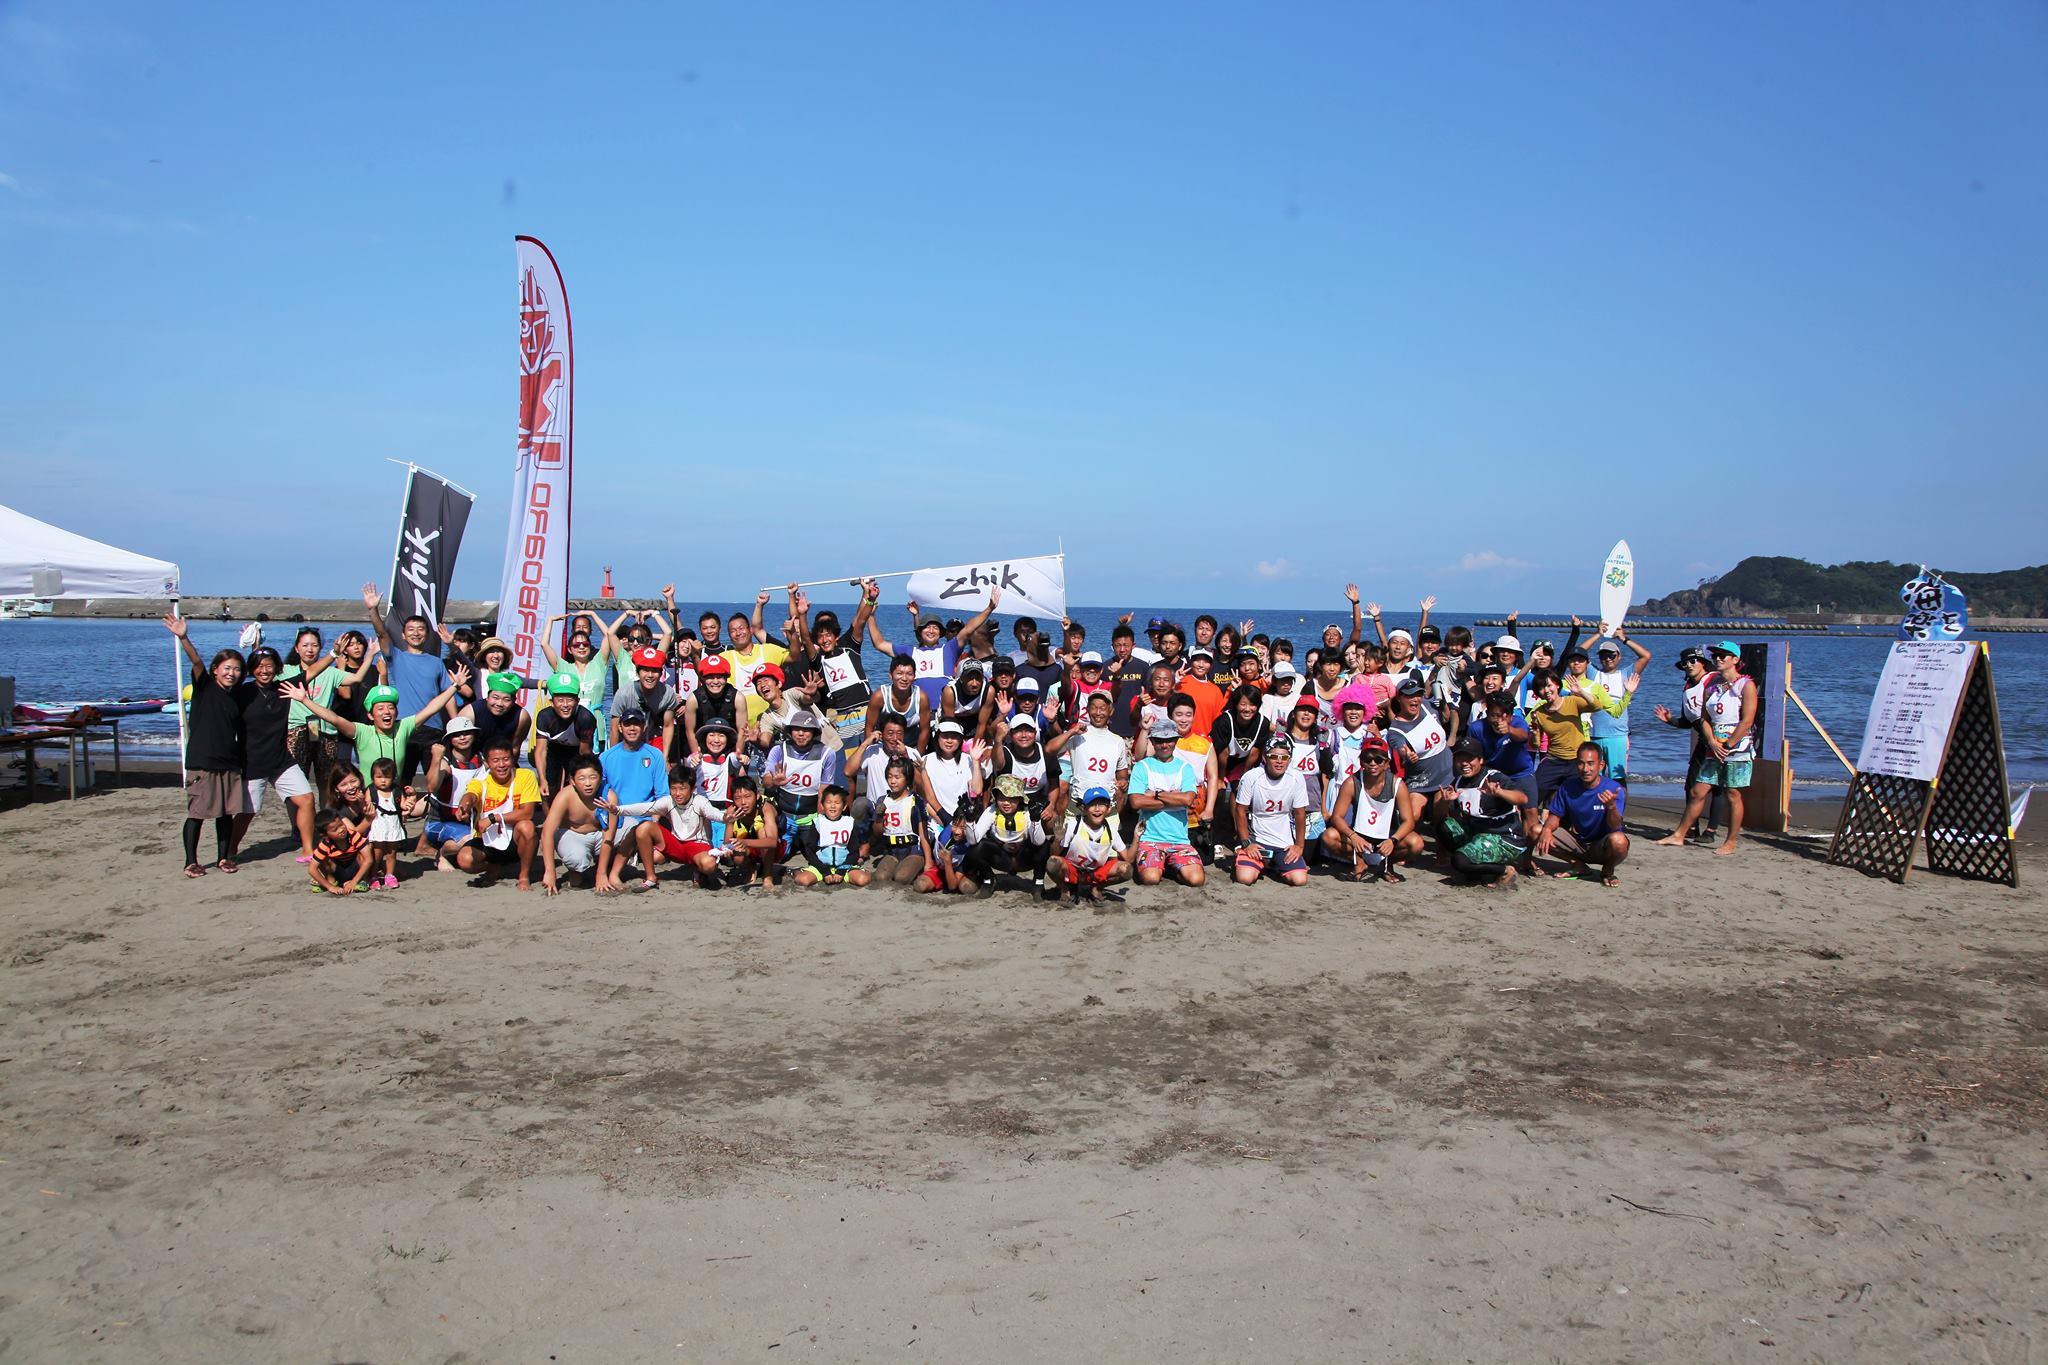 記念すべき第1回伊豆松崎ファンSUPイベント開催!「楽しく熱い大会でした!!」